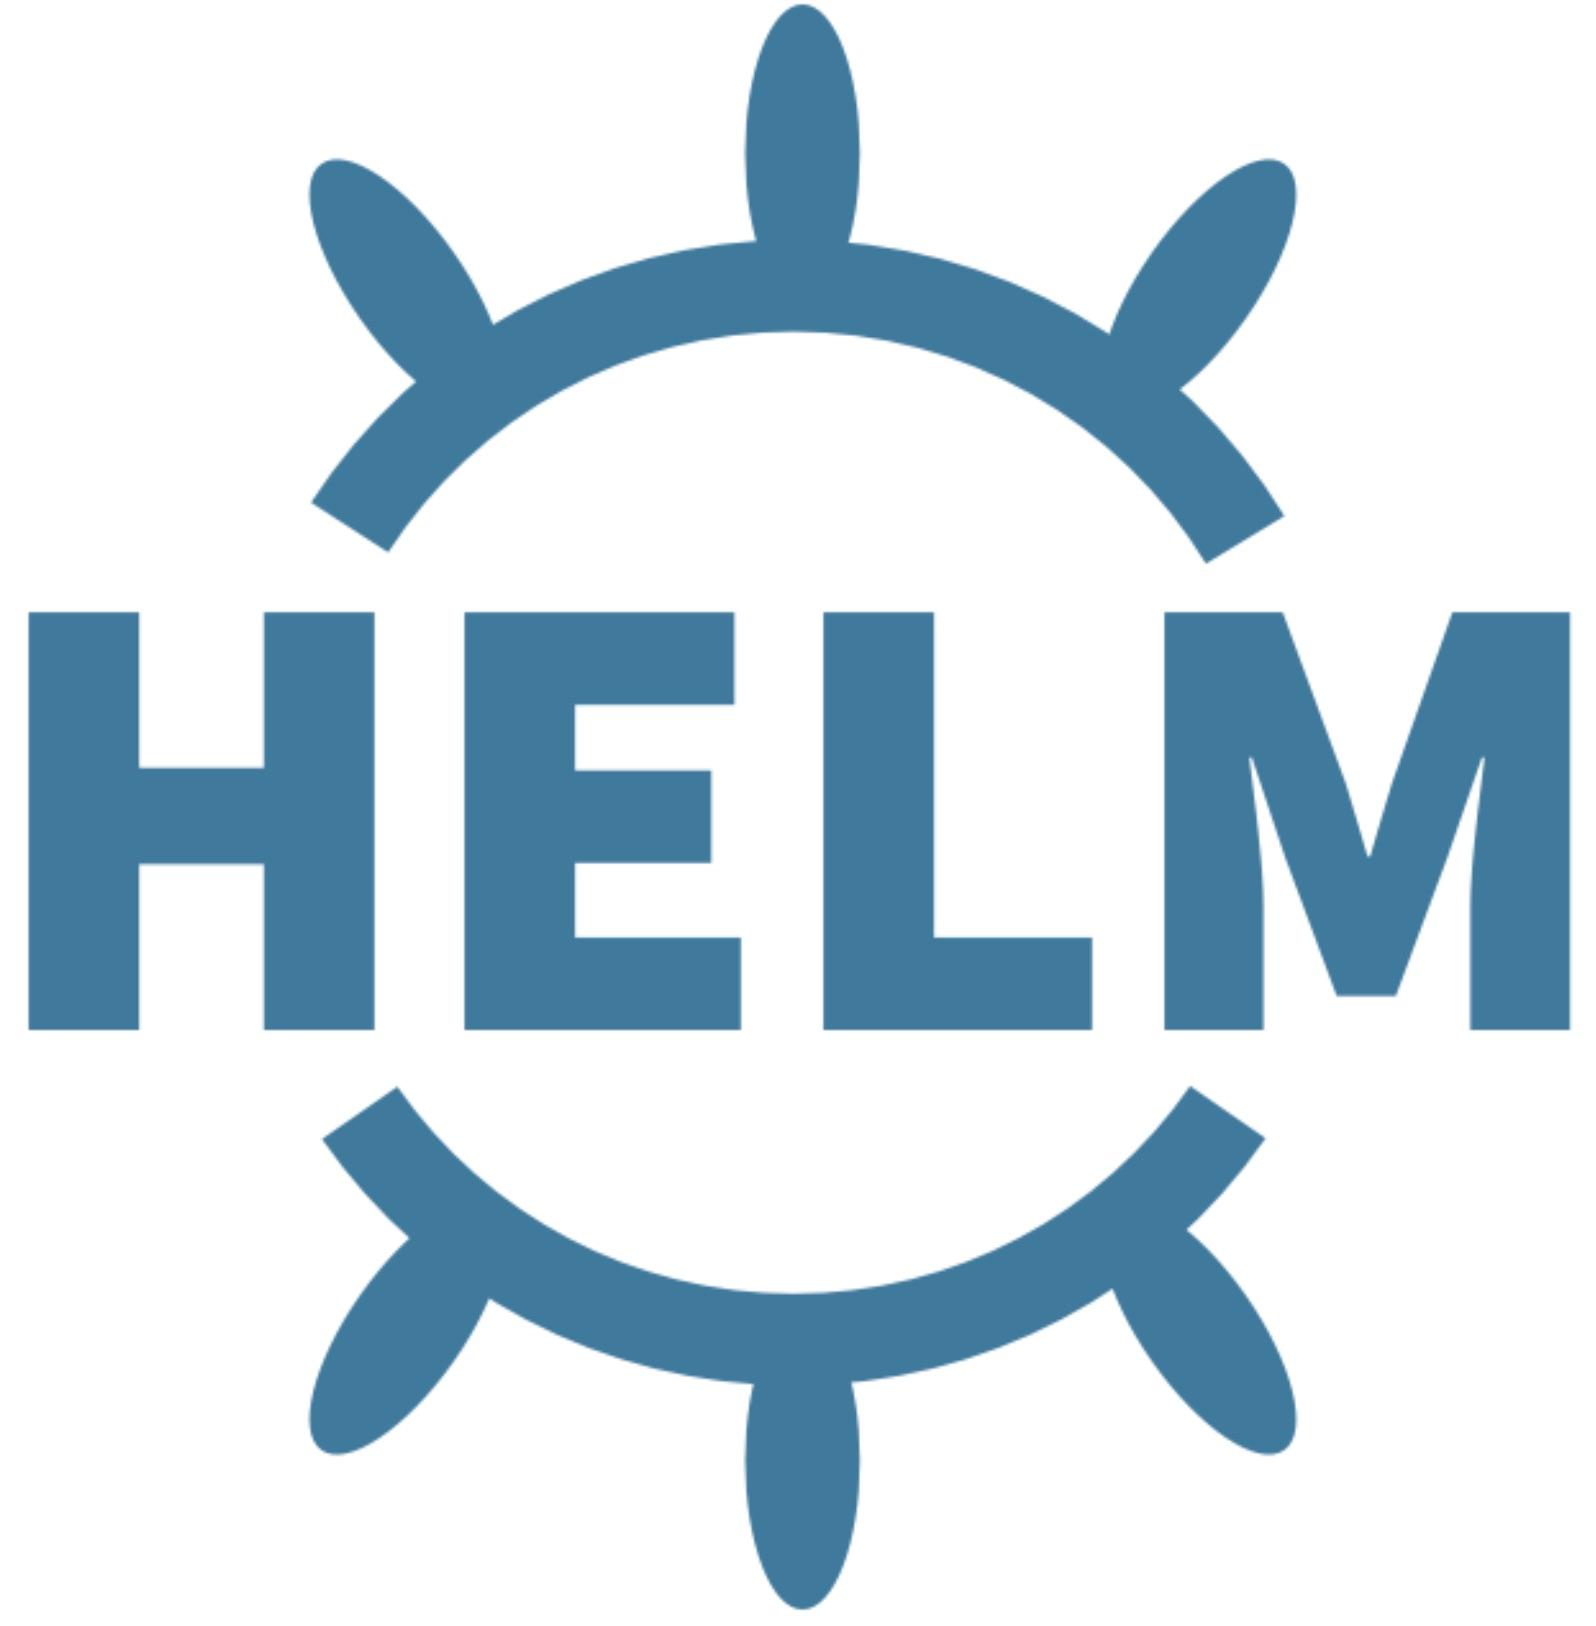 helm пакетный менеджер